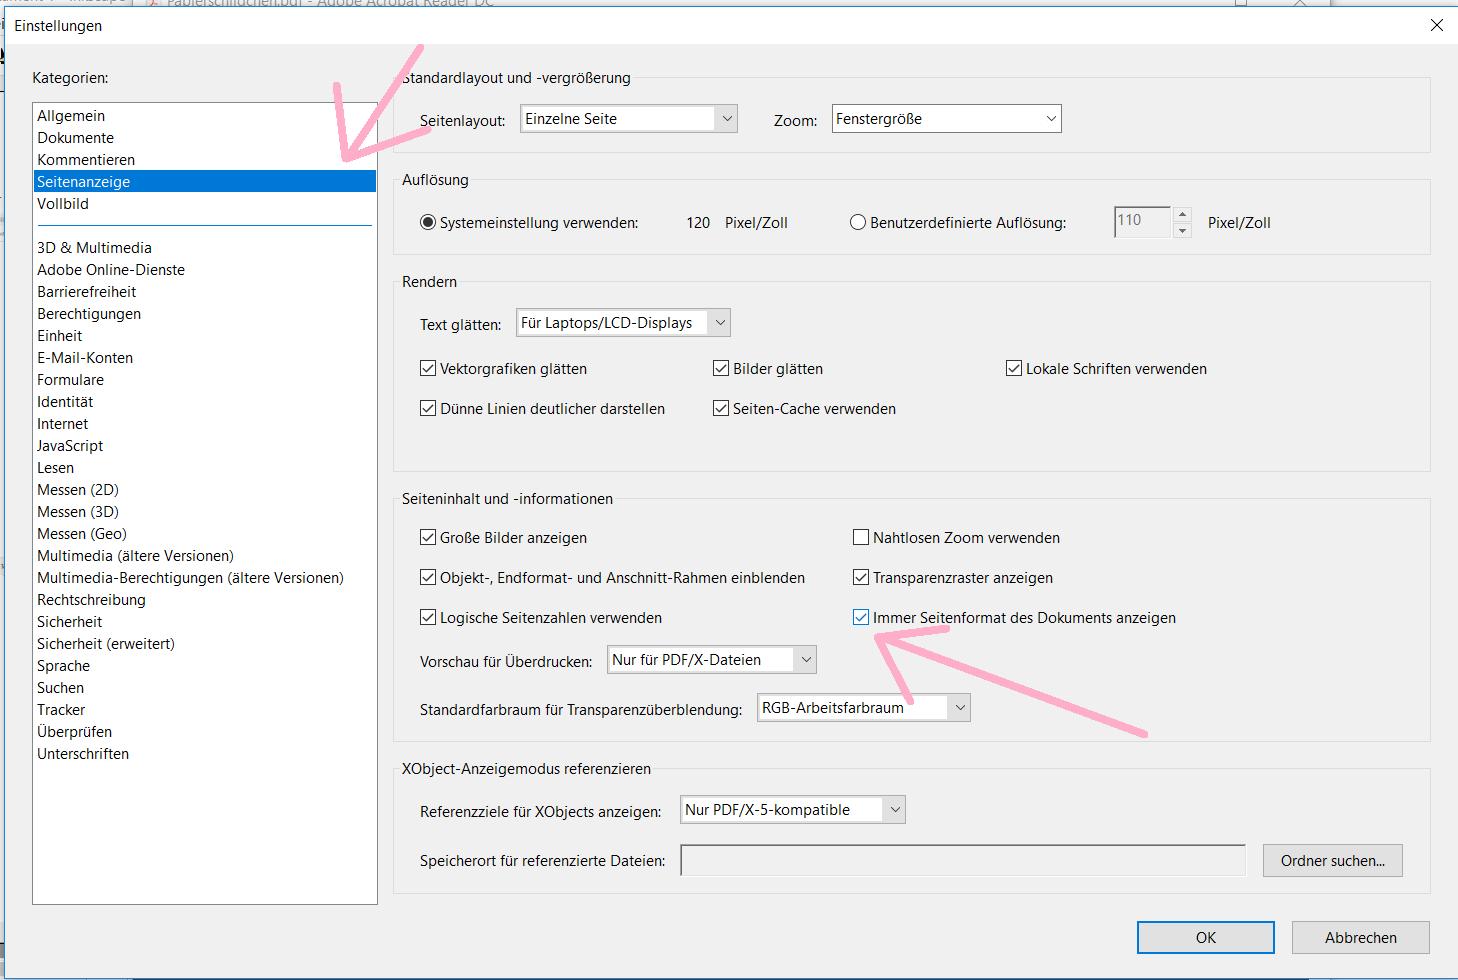 Seitenanzeige_Adobe Reader